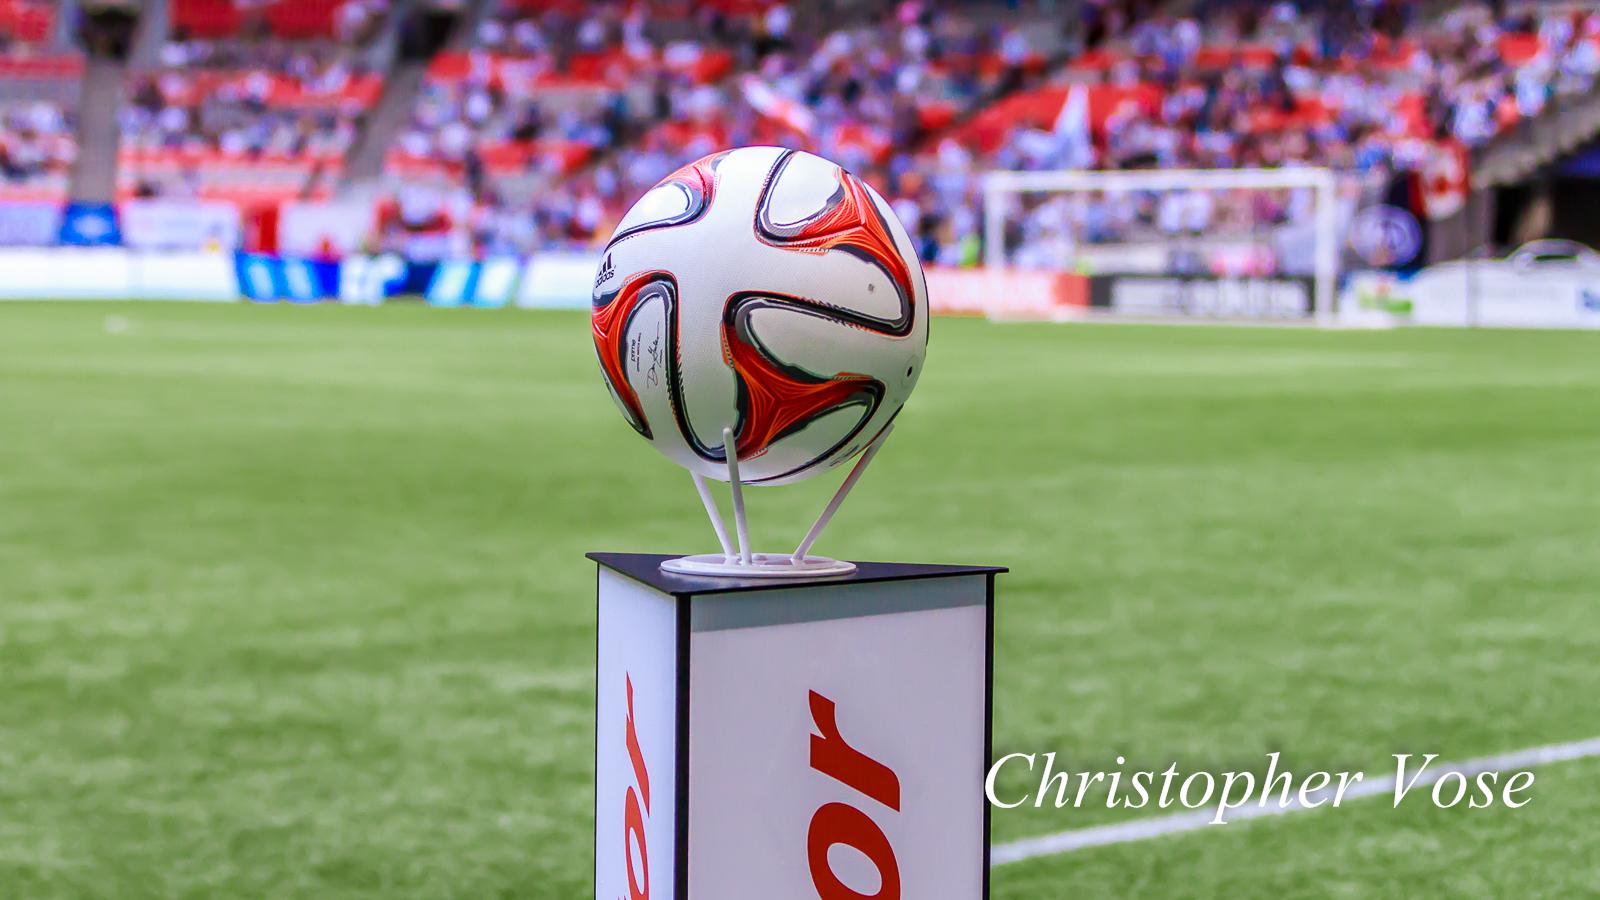 2014-07-05 Match Ball.jpg